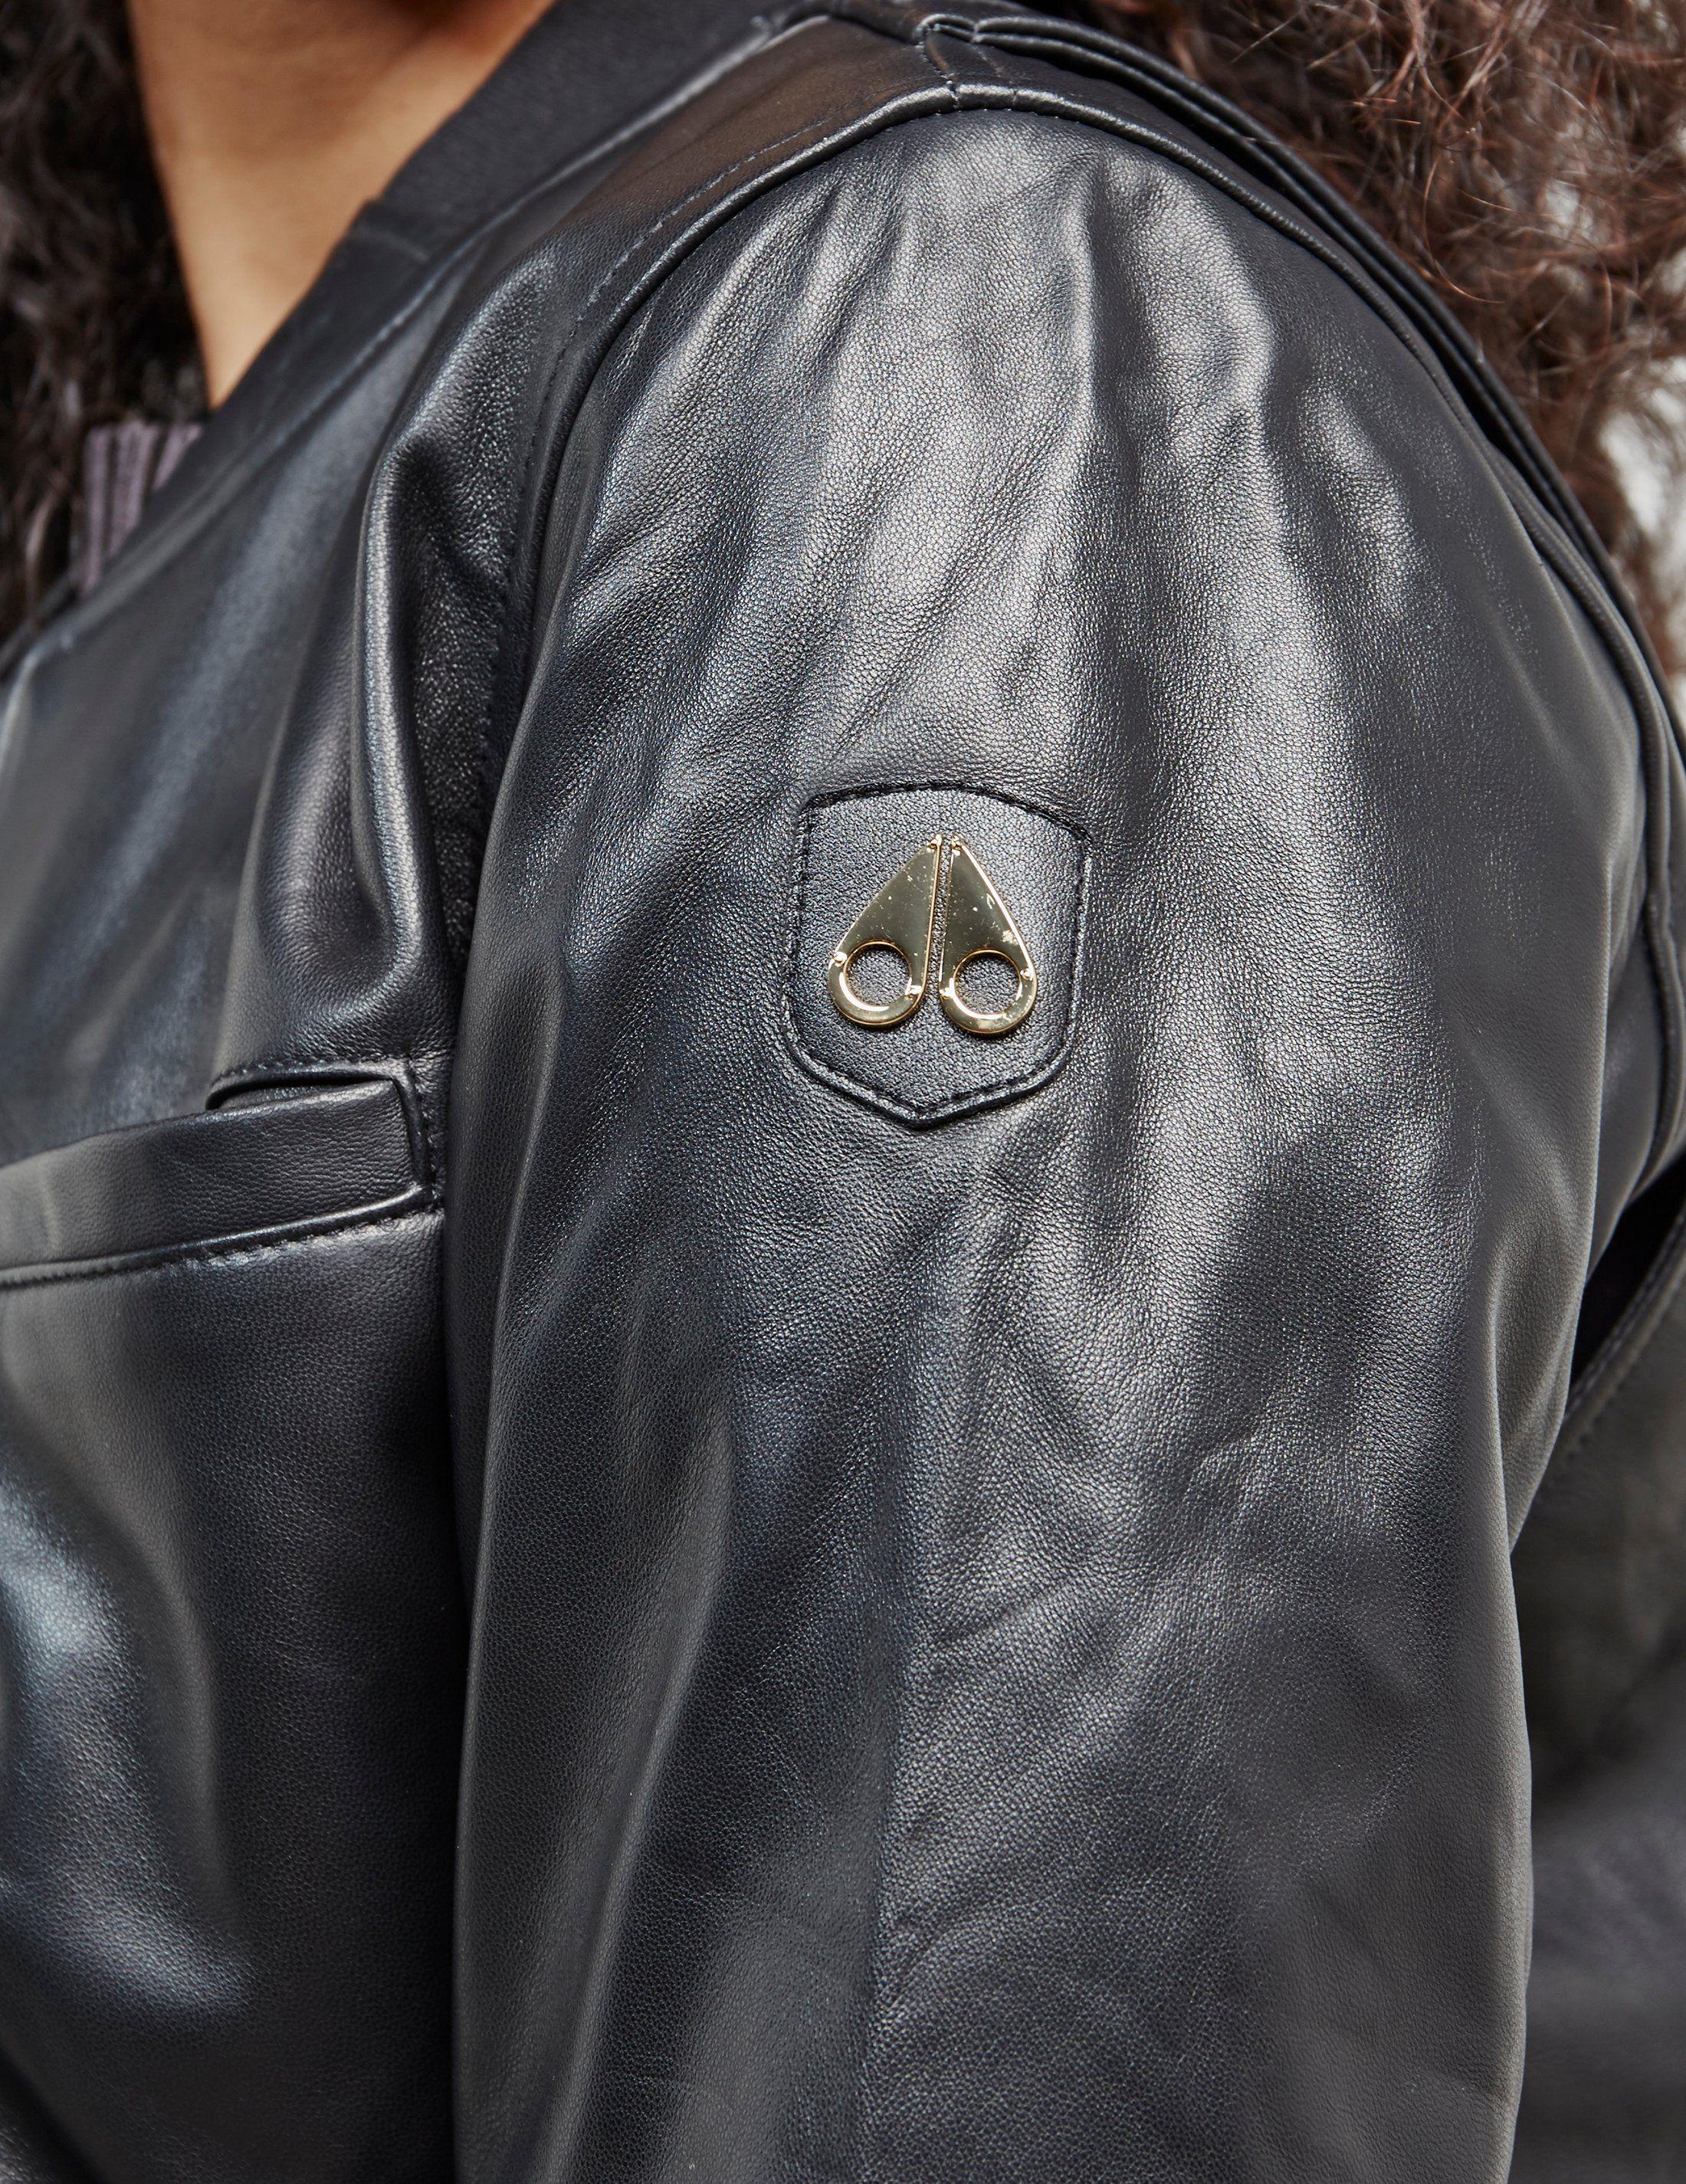 Moose Knuckles Grasslands Bomber Jacket - Online Exclusive